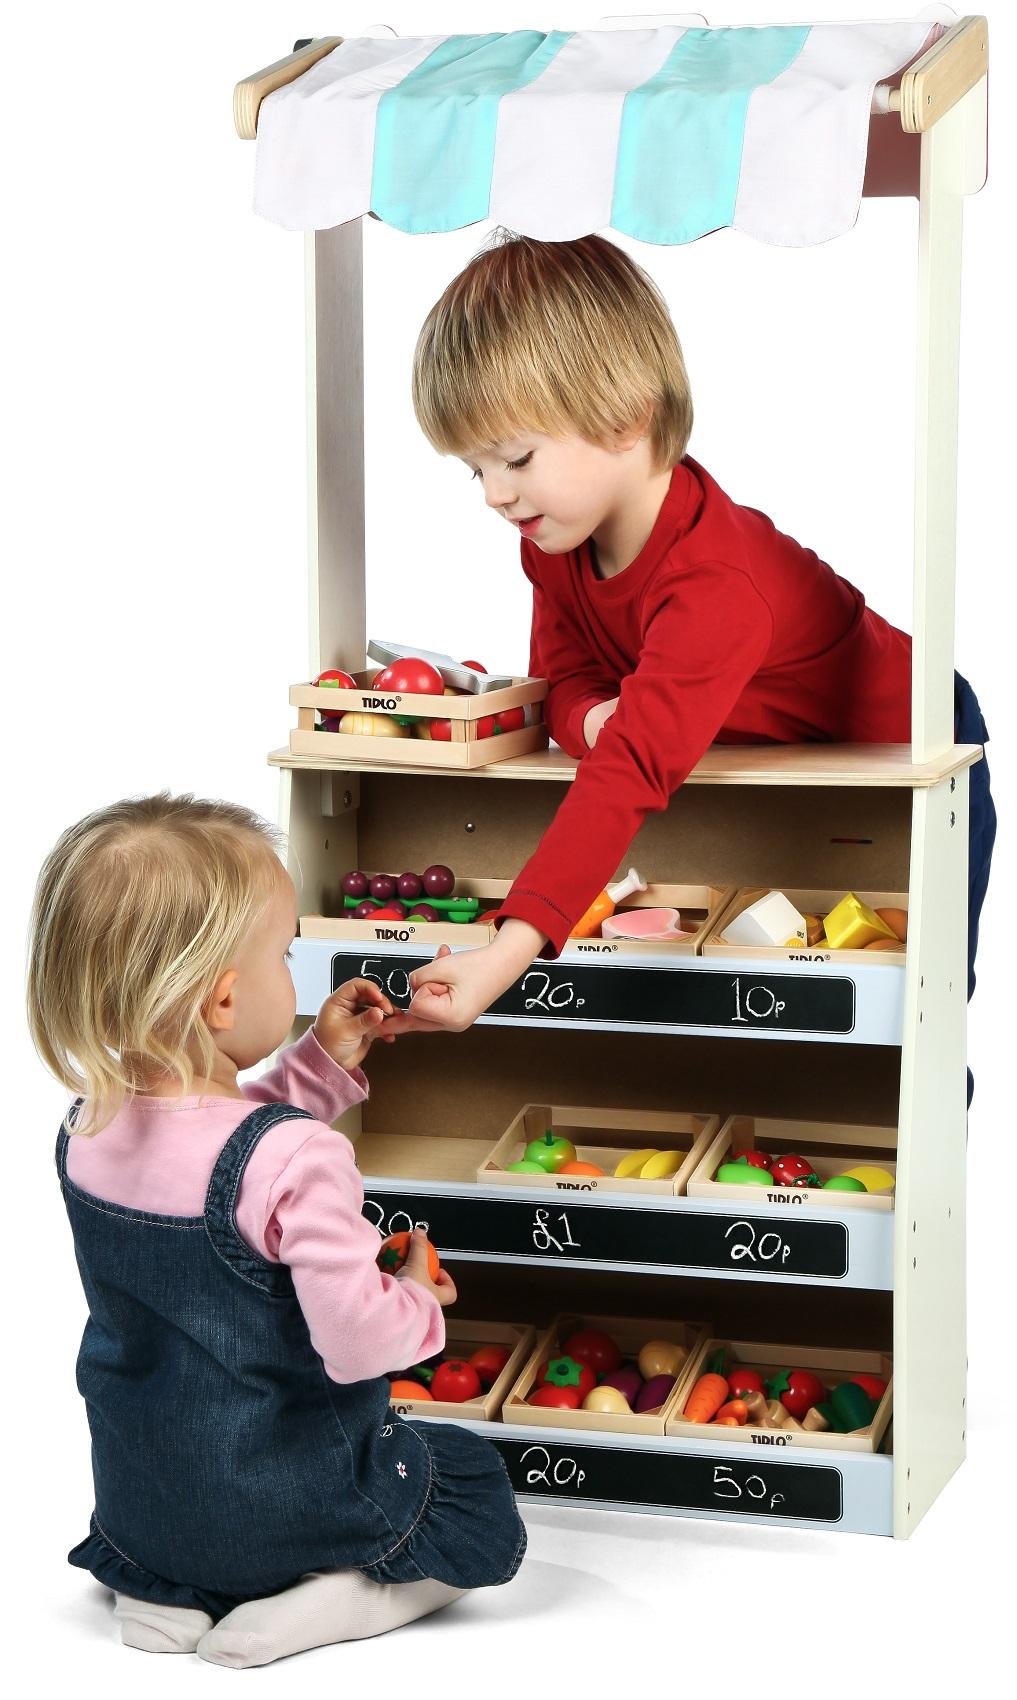 Children's Wooden Play Shop & Theatre